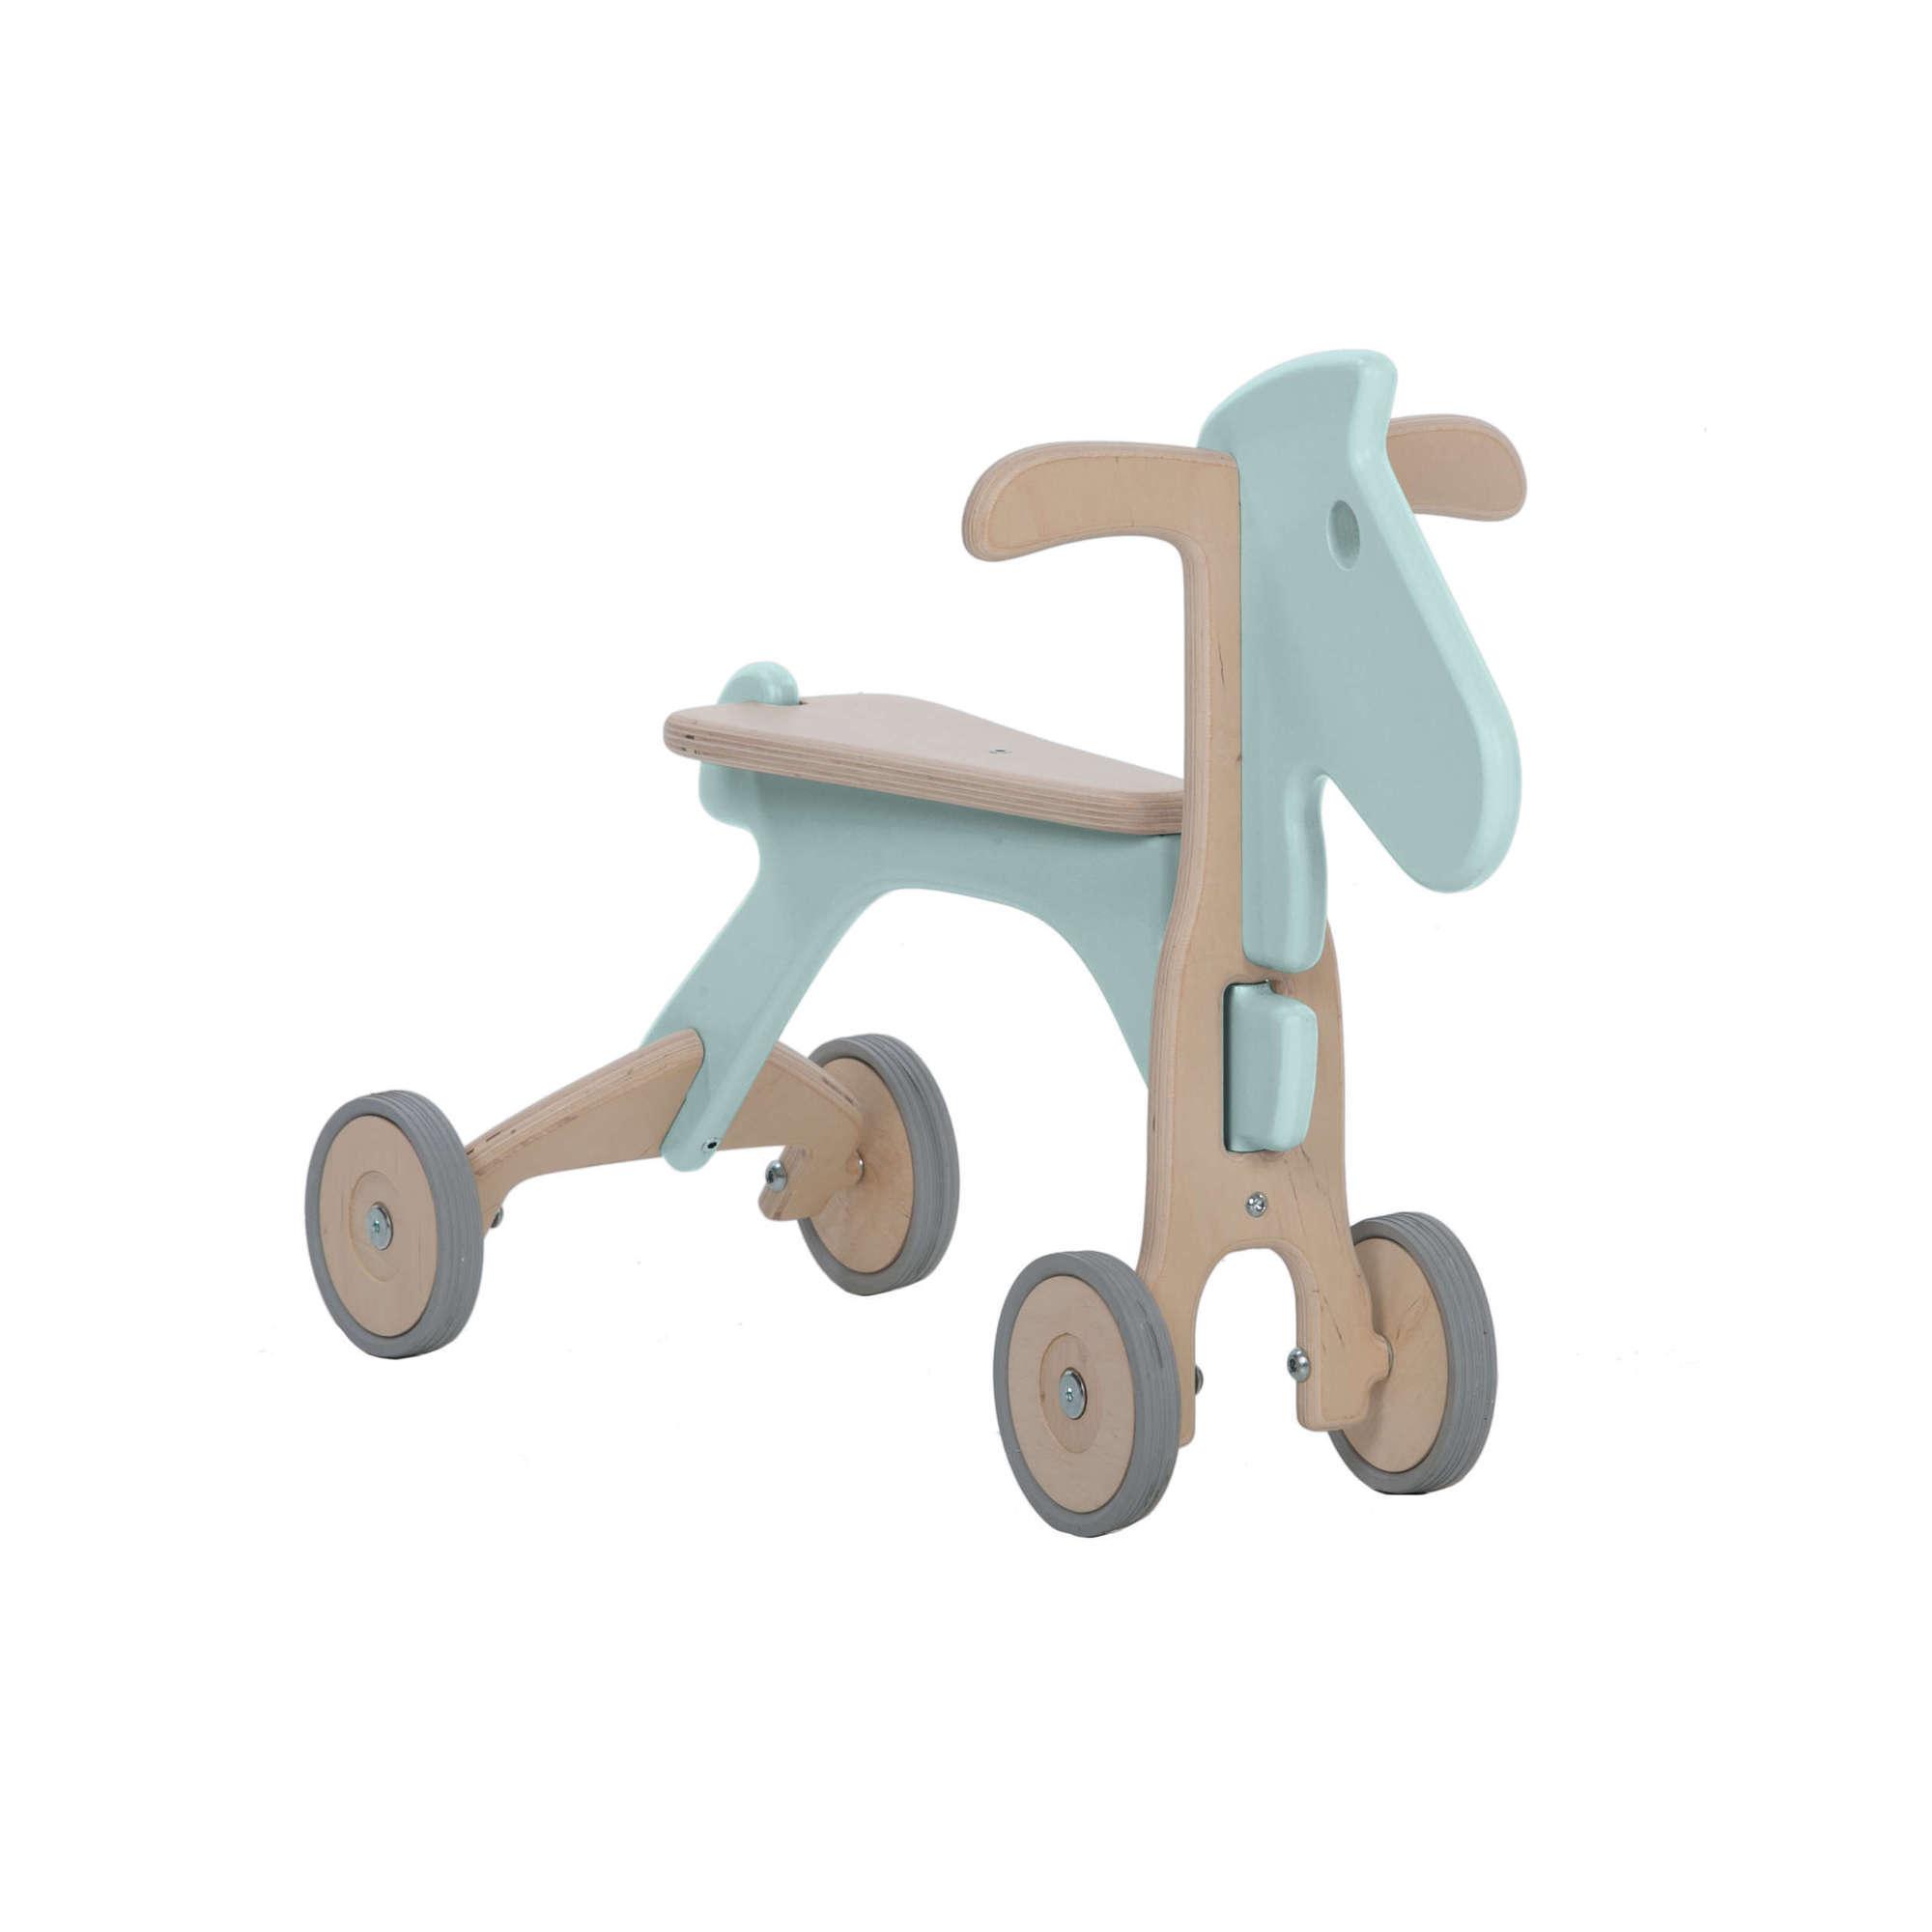 Caballito con ruedas de madera